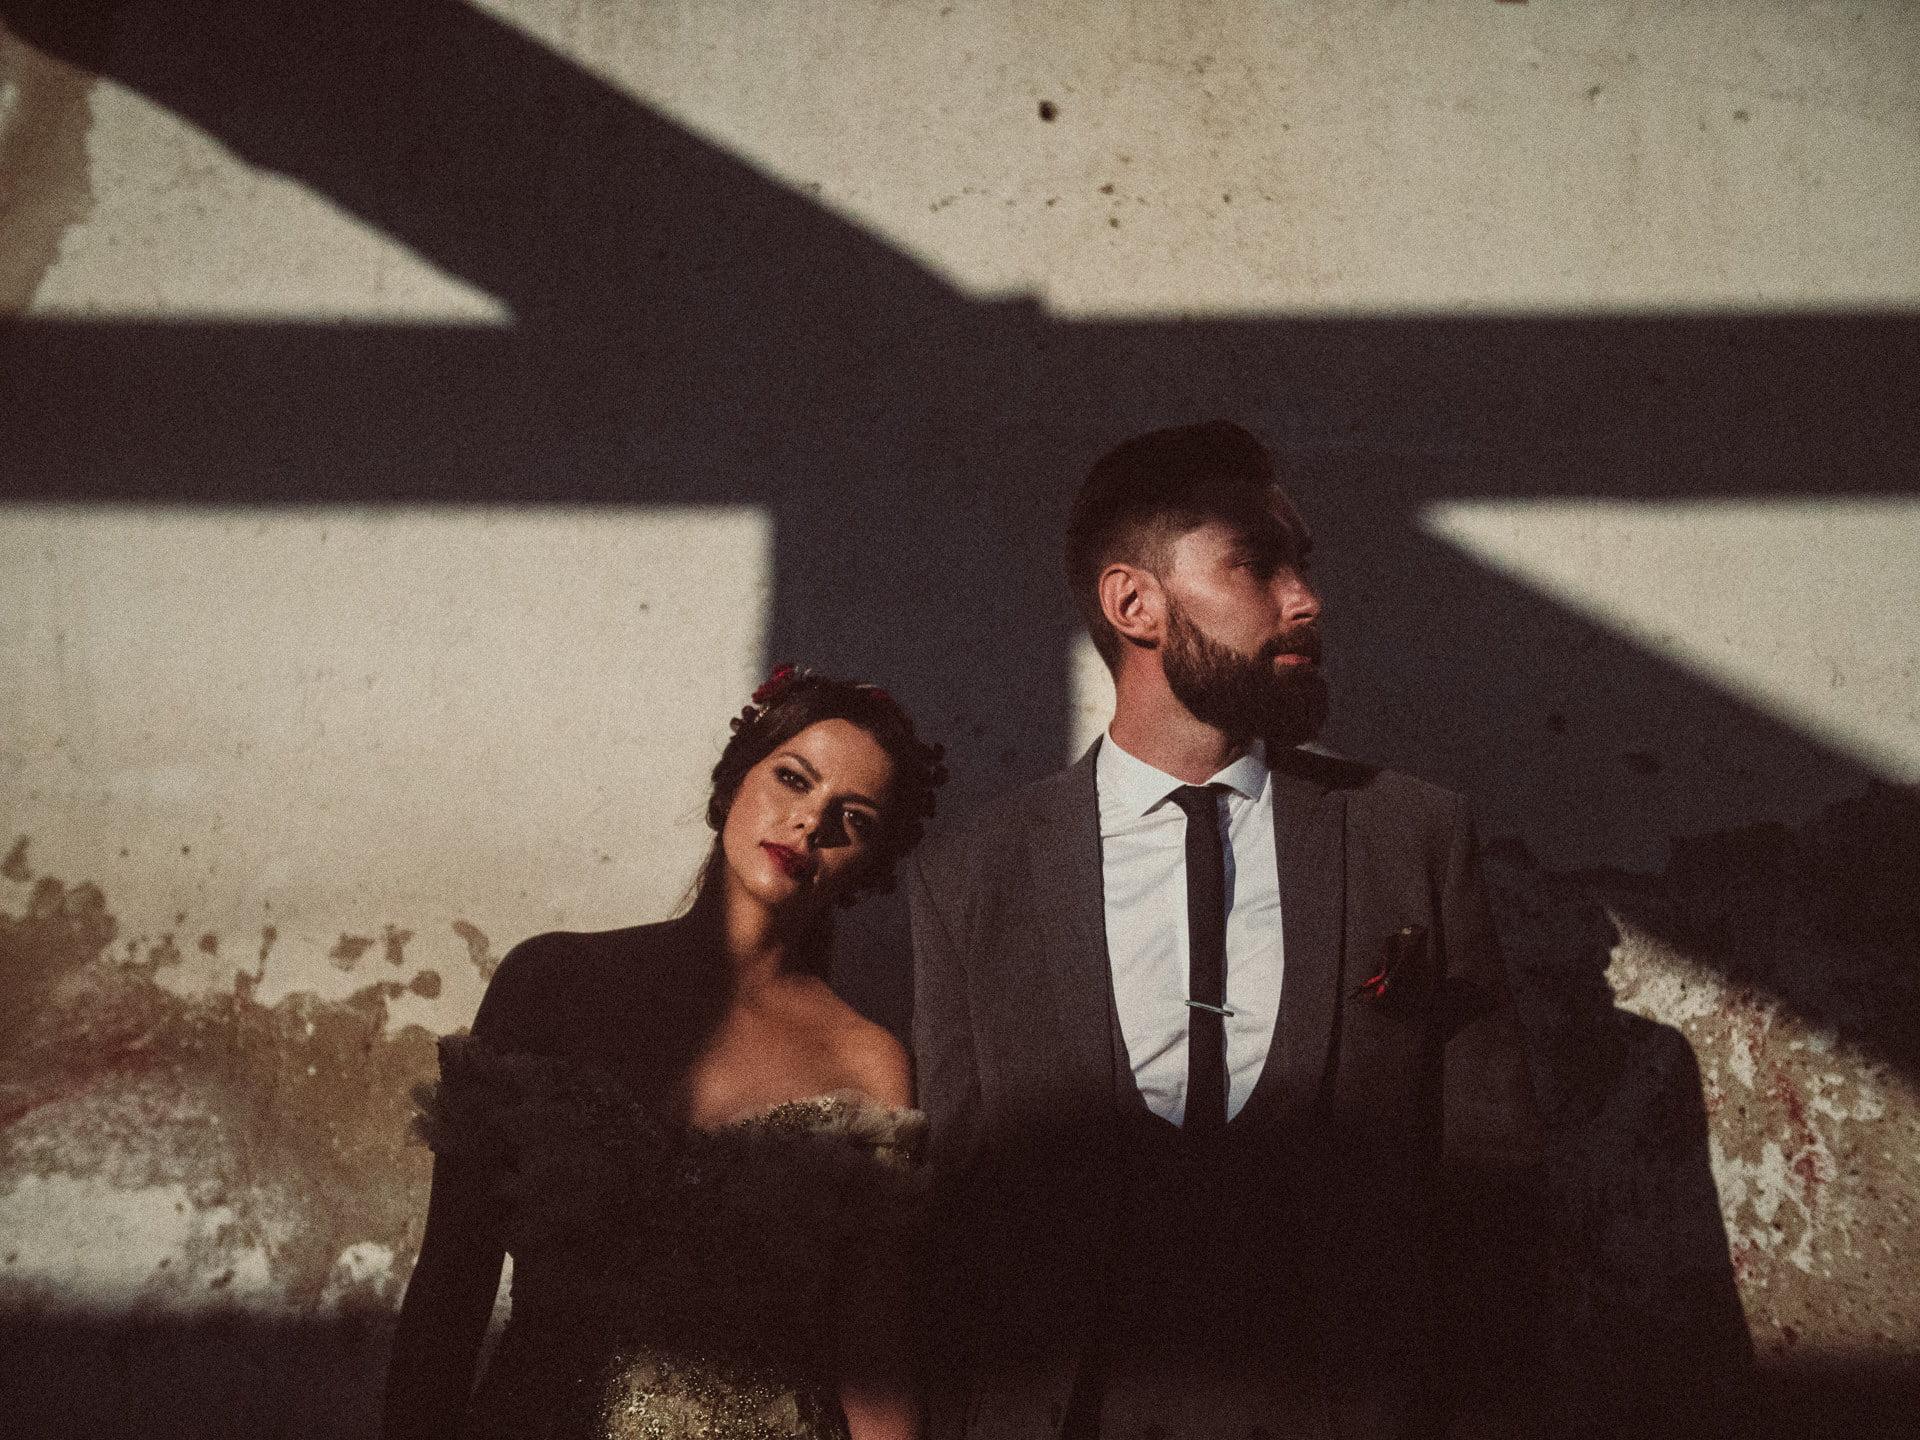 Dagmara y Pawel – La historia de su boda en un granero